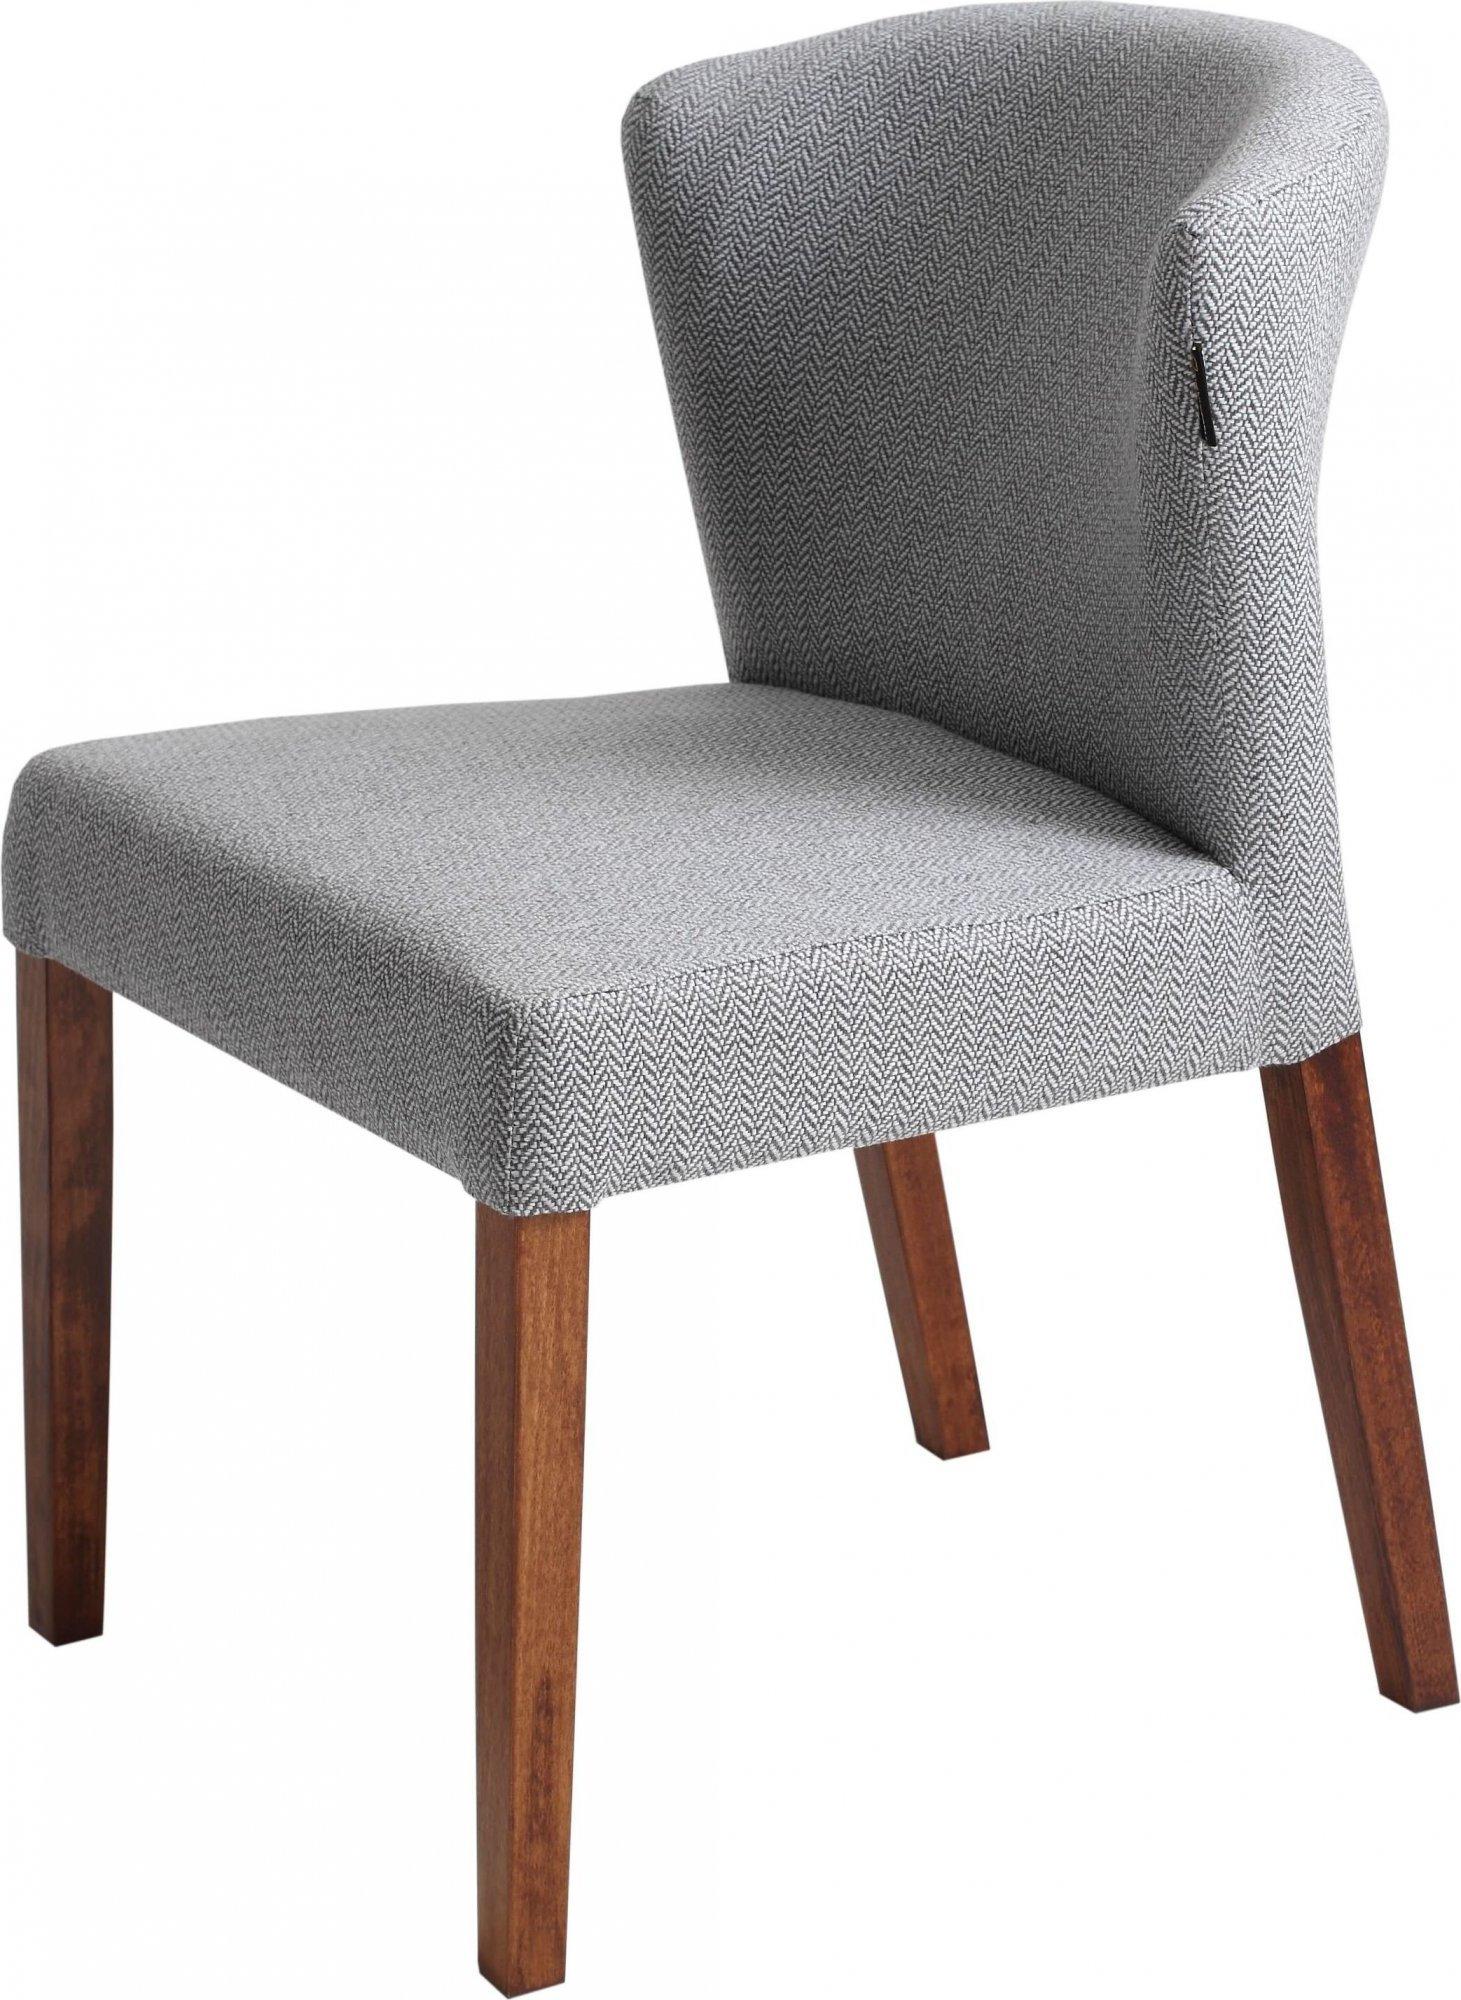 maison du monde Chaise cosy rembourrée couleur gris pieds bois